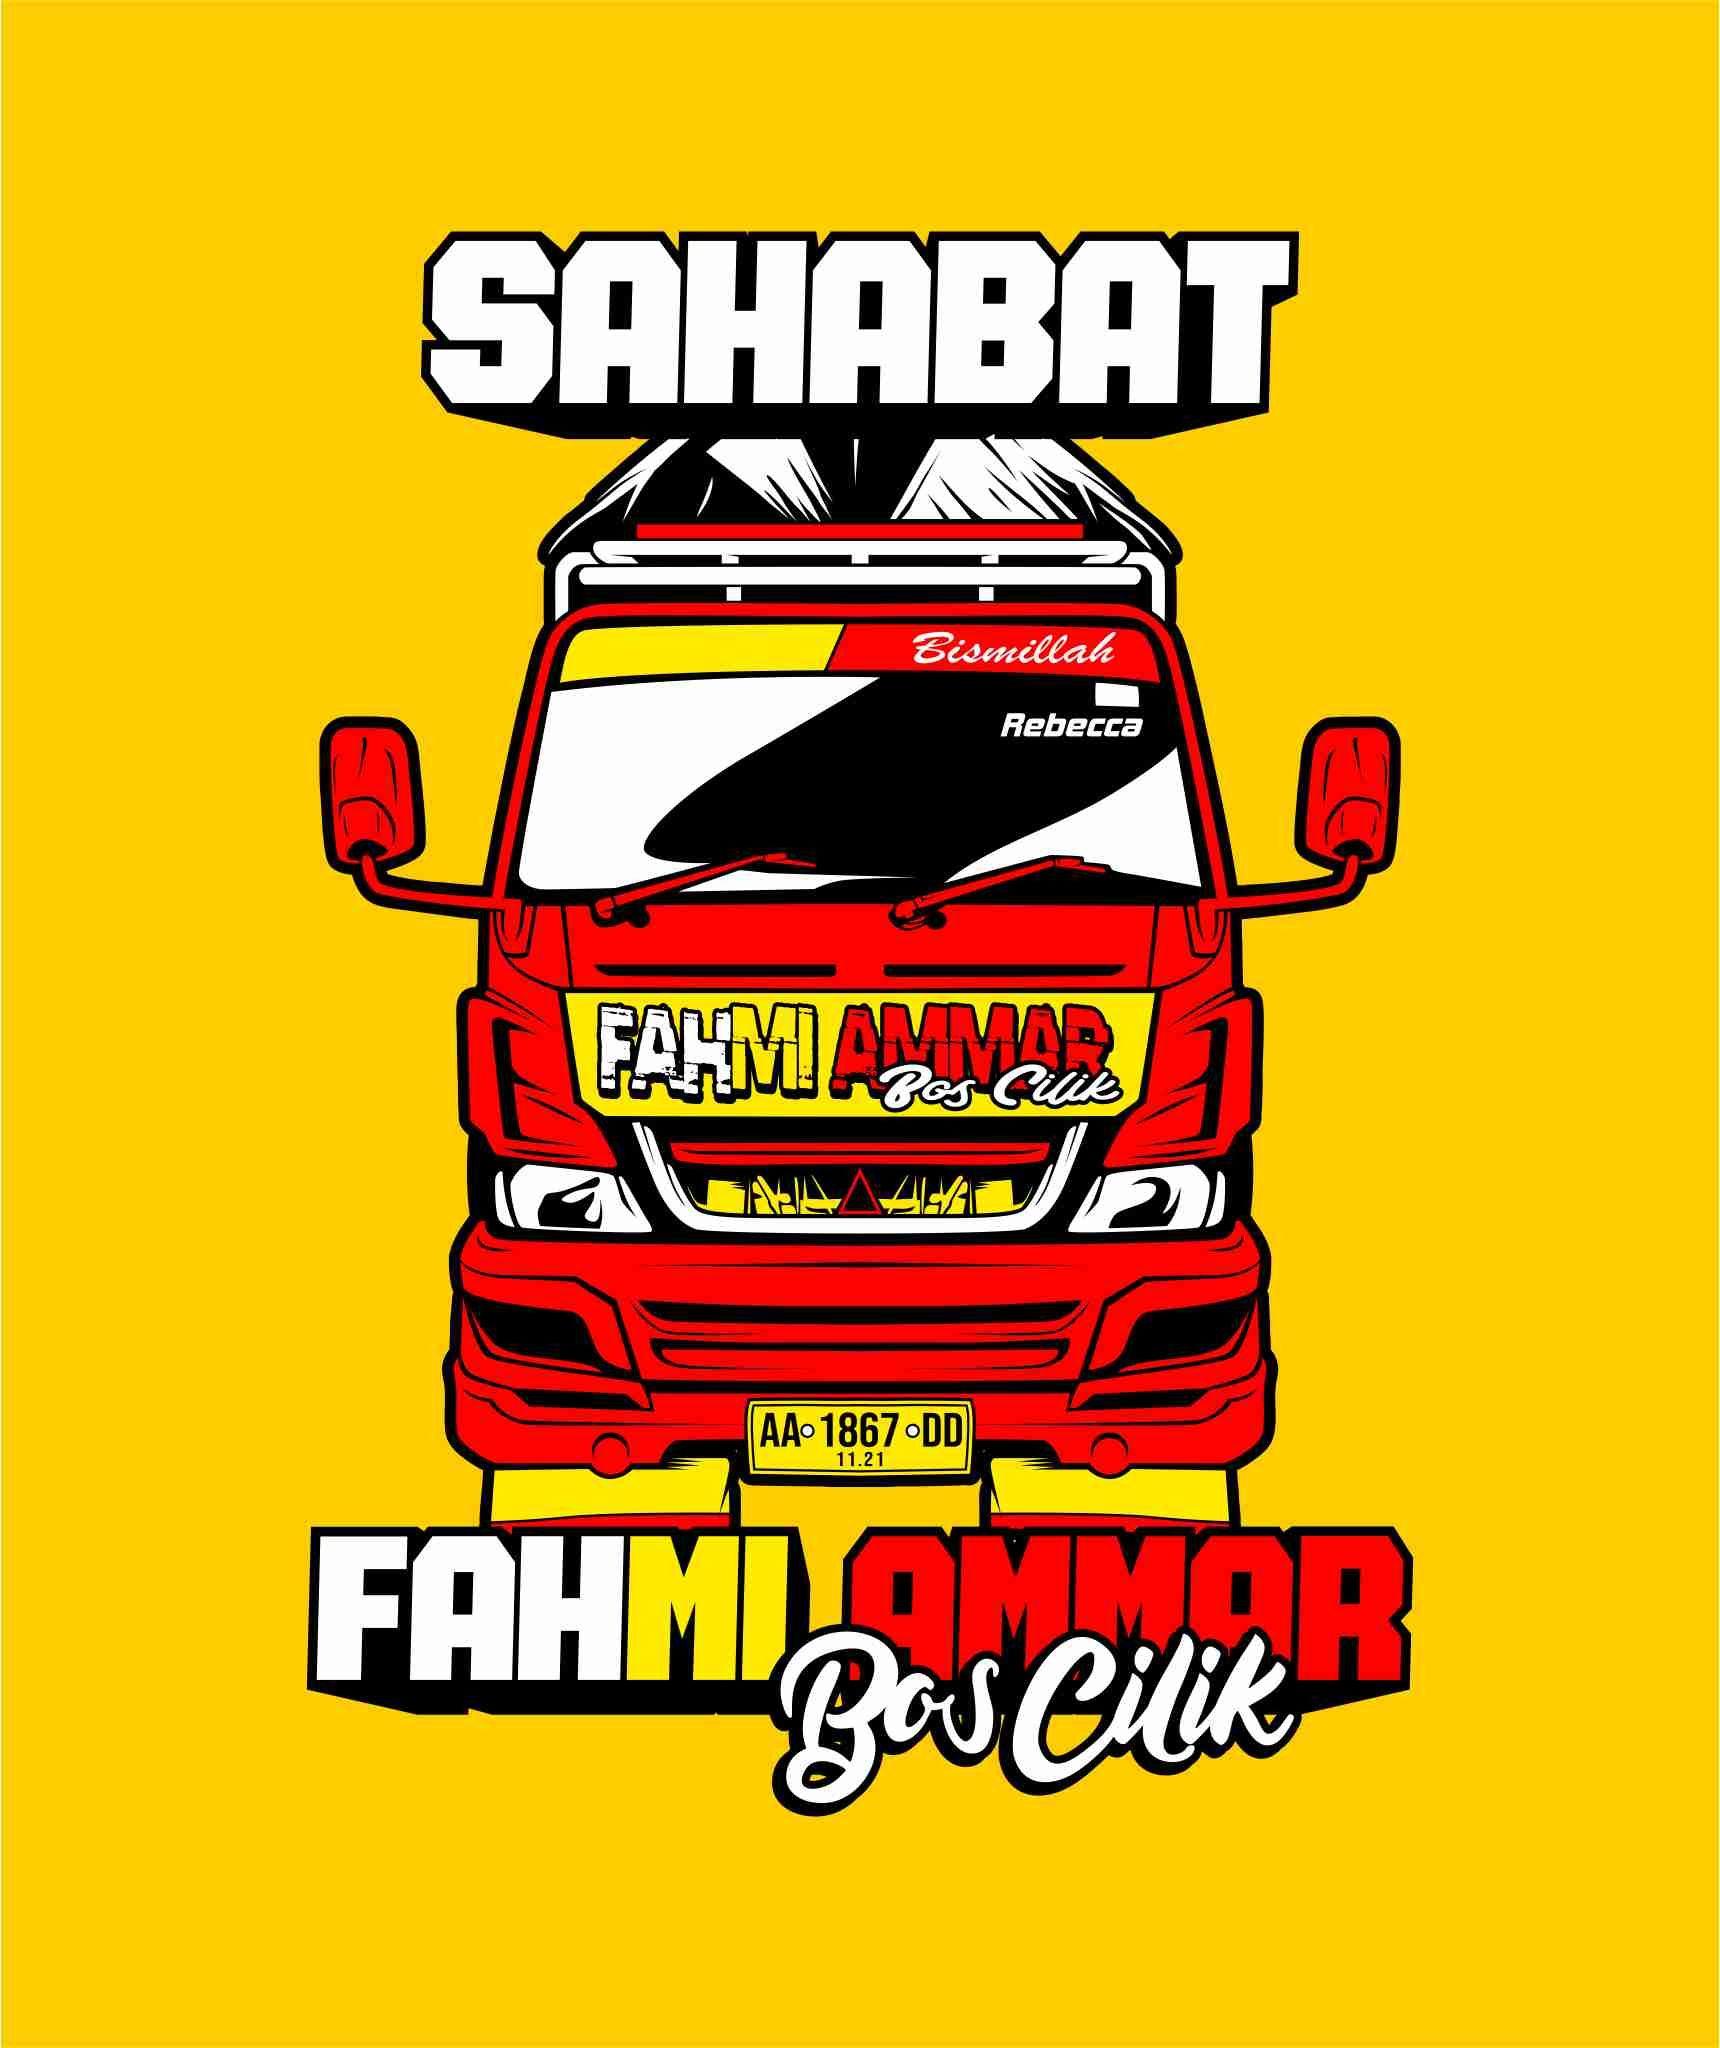 Truk Vector Sahabat Fahmi Ammar Desain Vektor Gambar Tokoh Desain Get wallpaper truck png